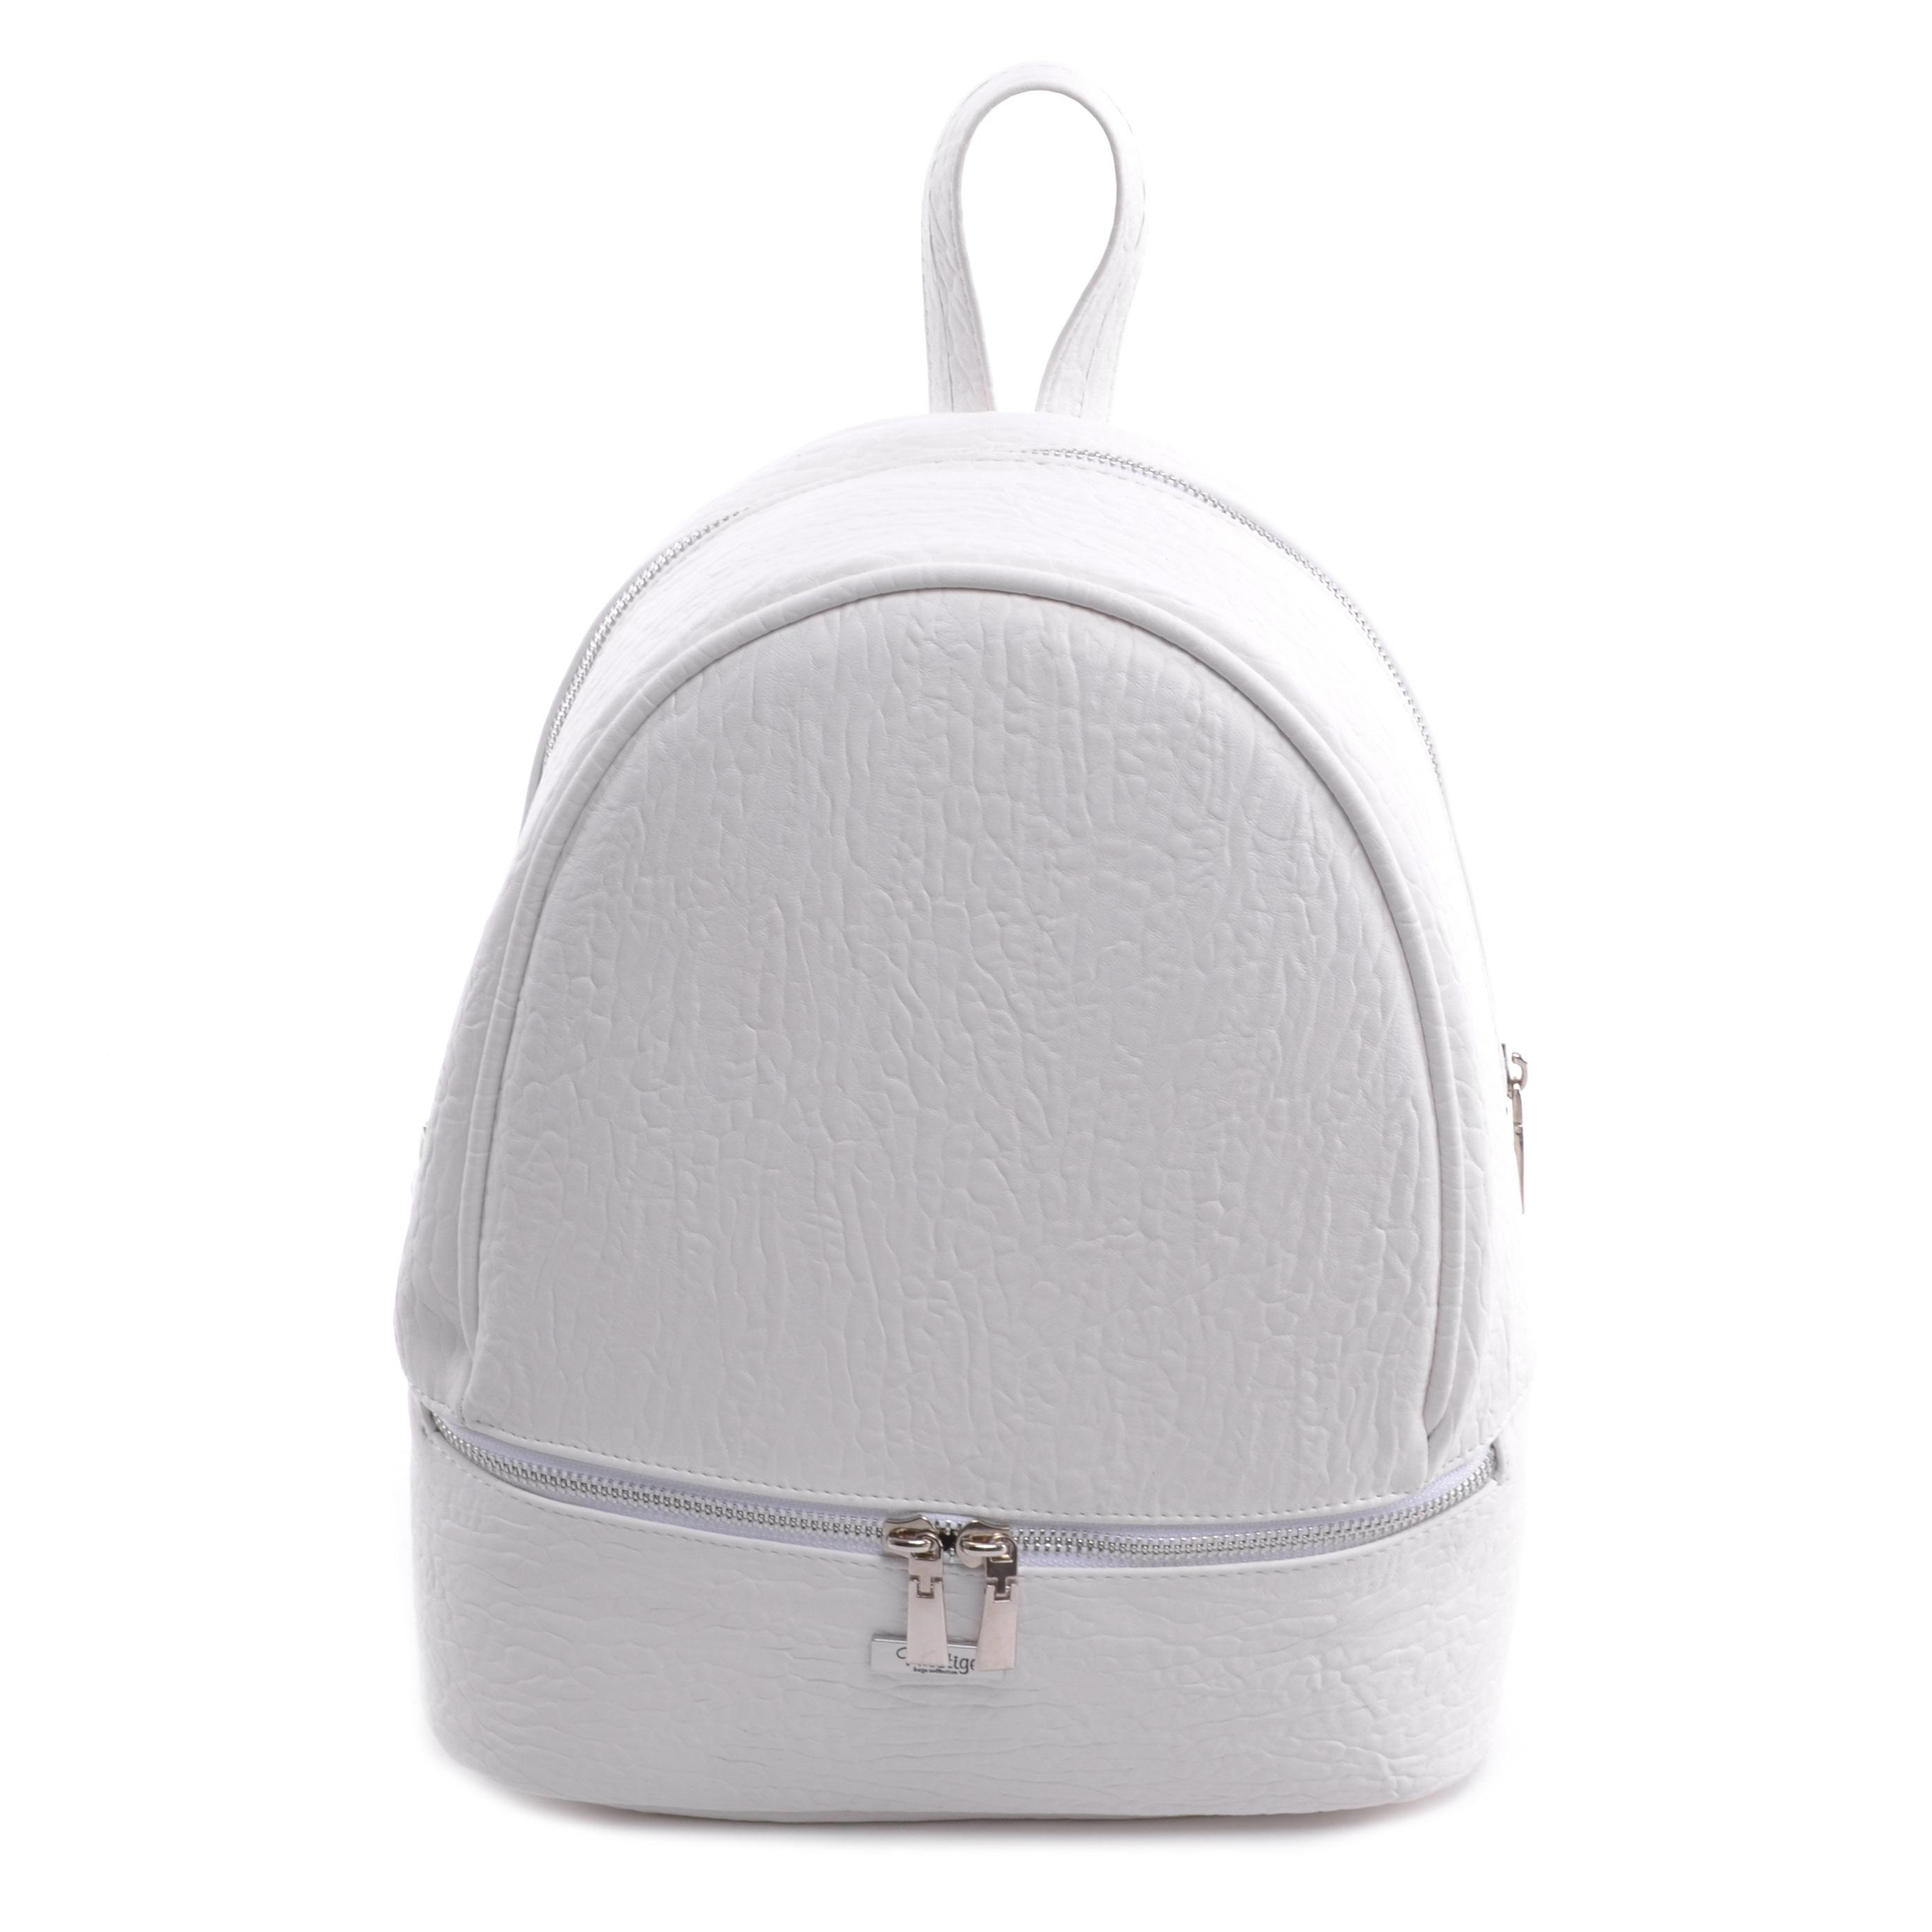 Prestige Női Műbőr Fehér Hátizsák - Műbőr - Táska webáruház - Minőségi  táskák mindenkinek 0af0c4bd5e